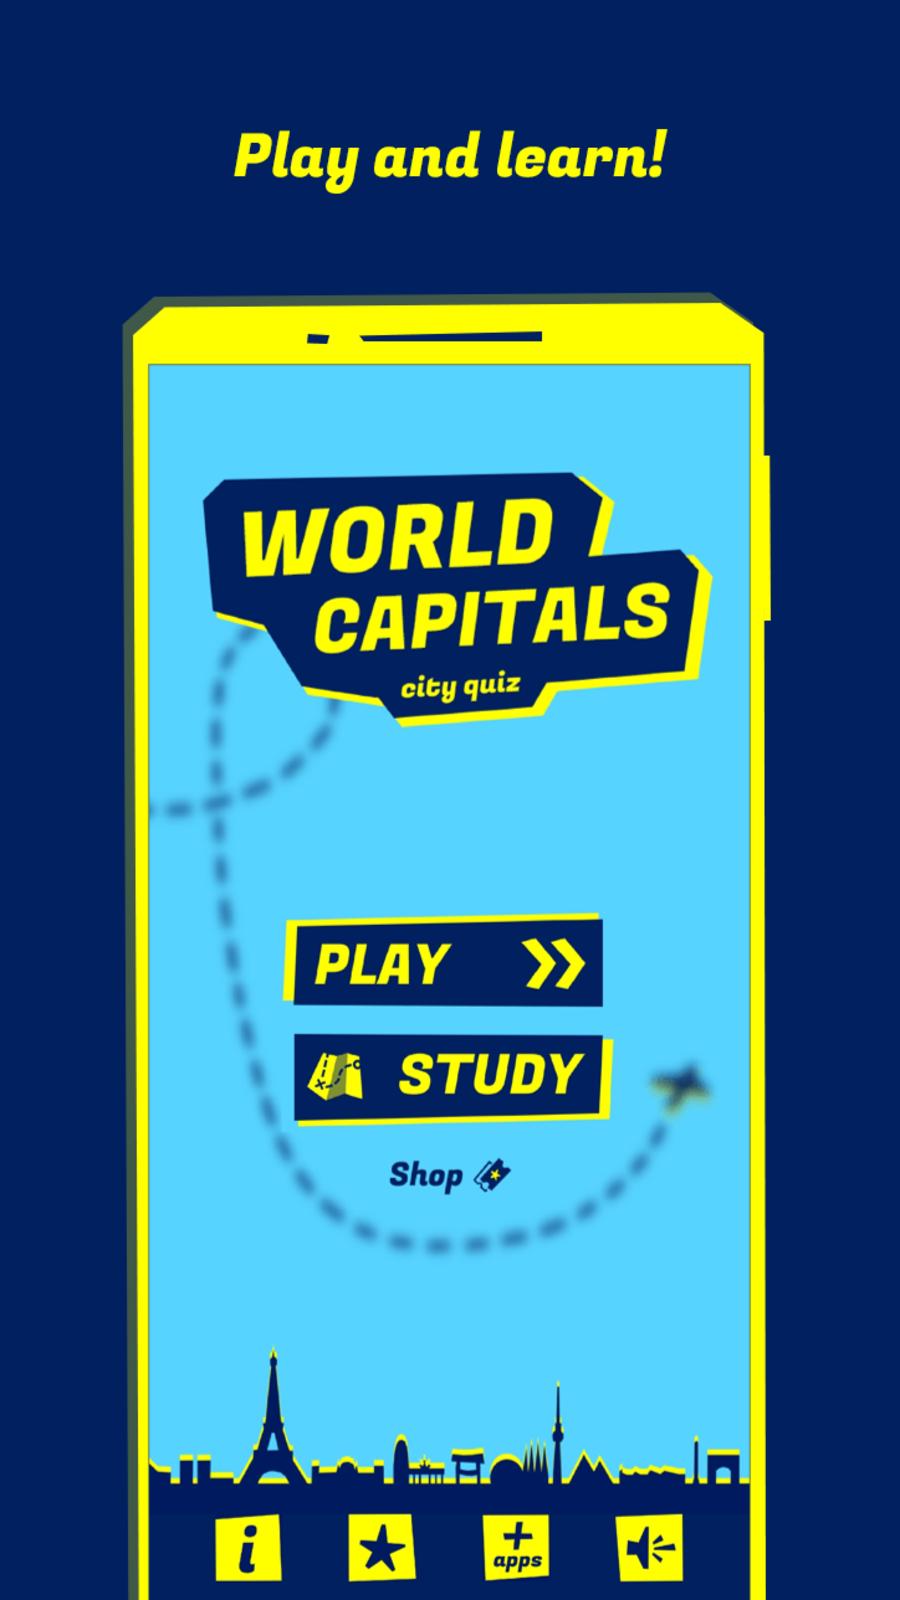 World Capitals: City Quiz